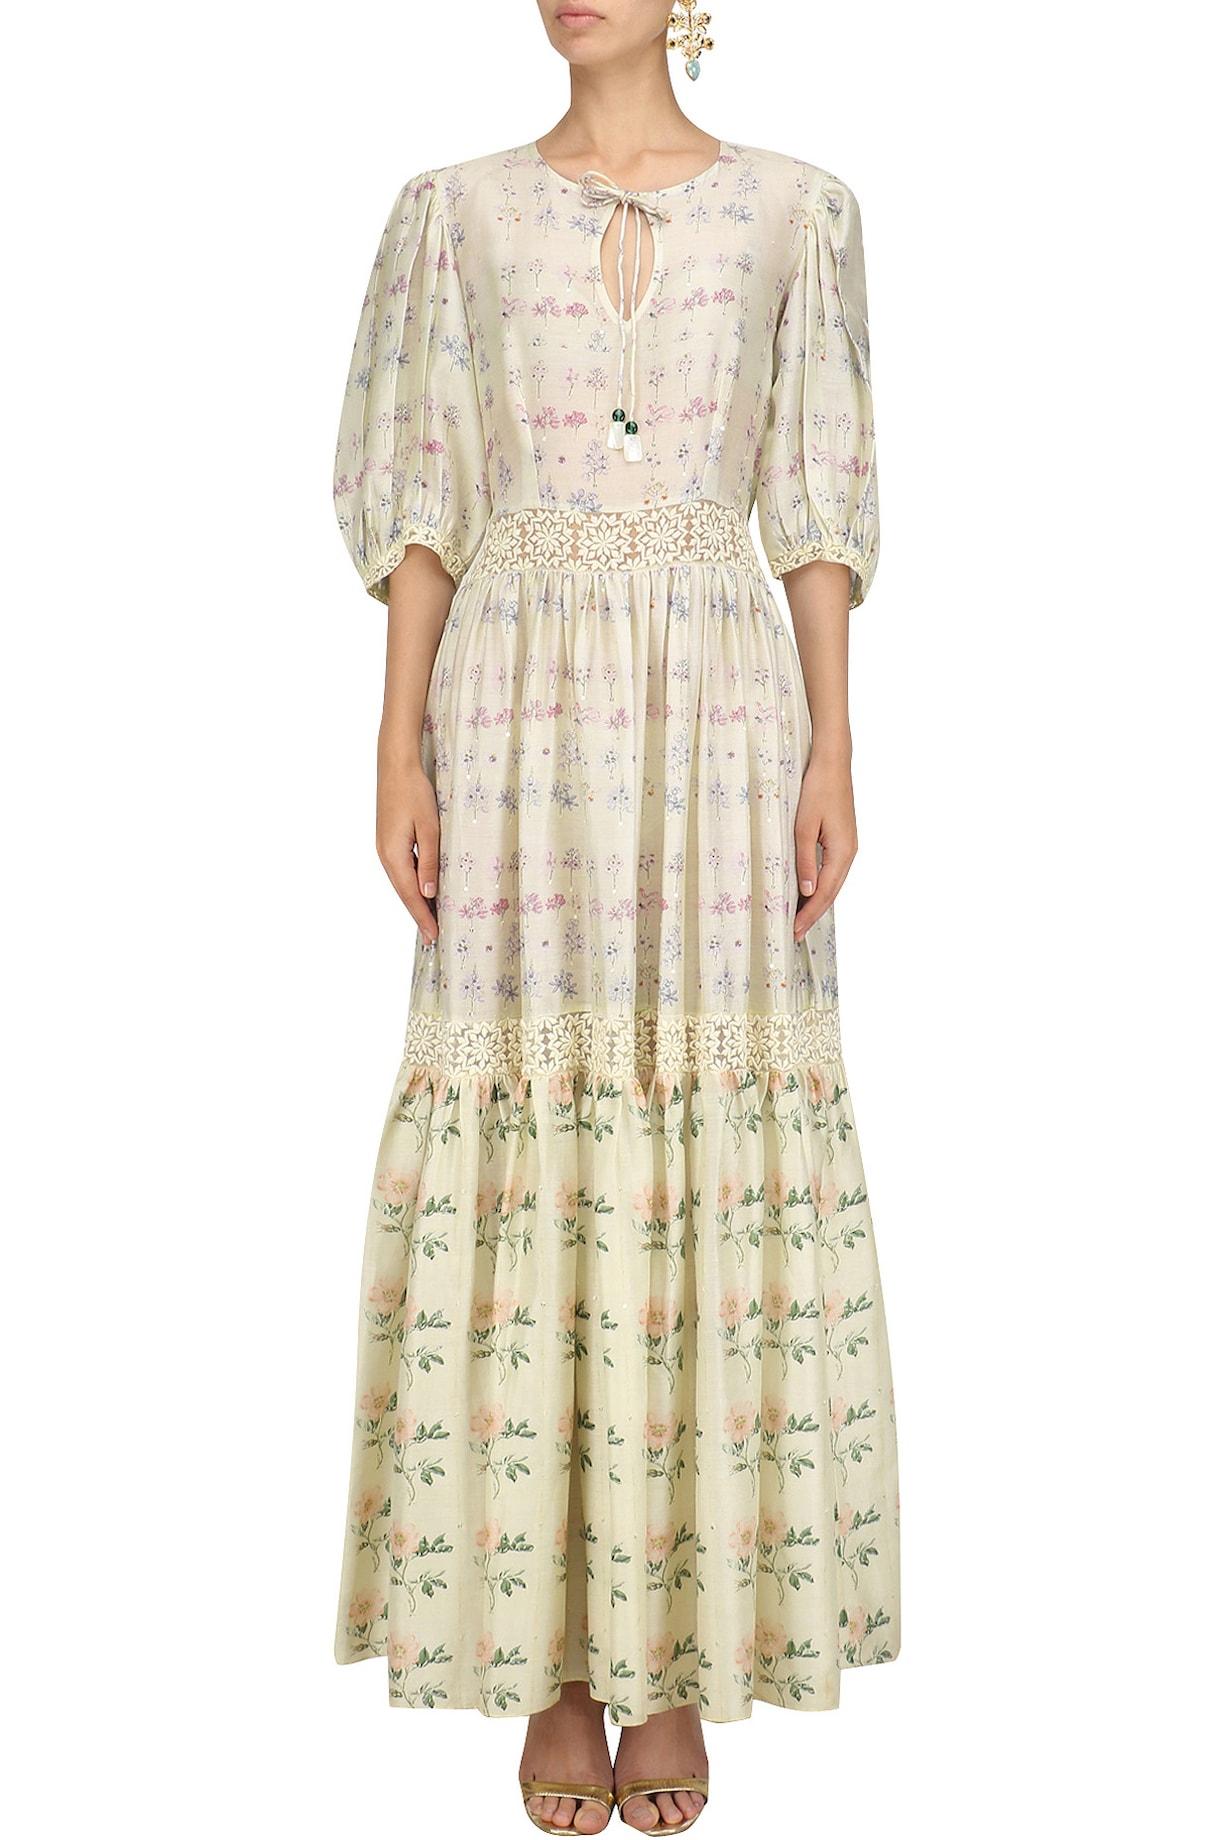 Niki Mahajan Dresses